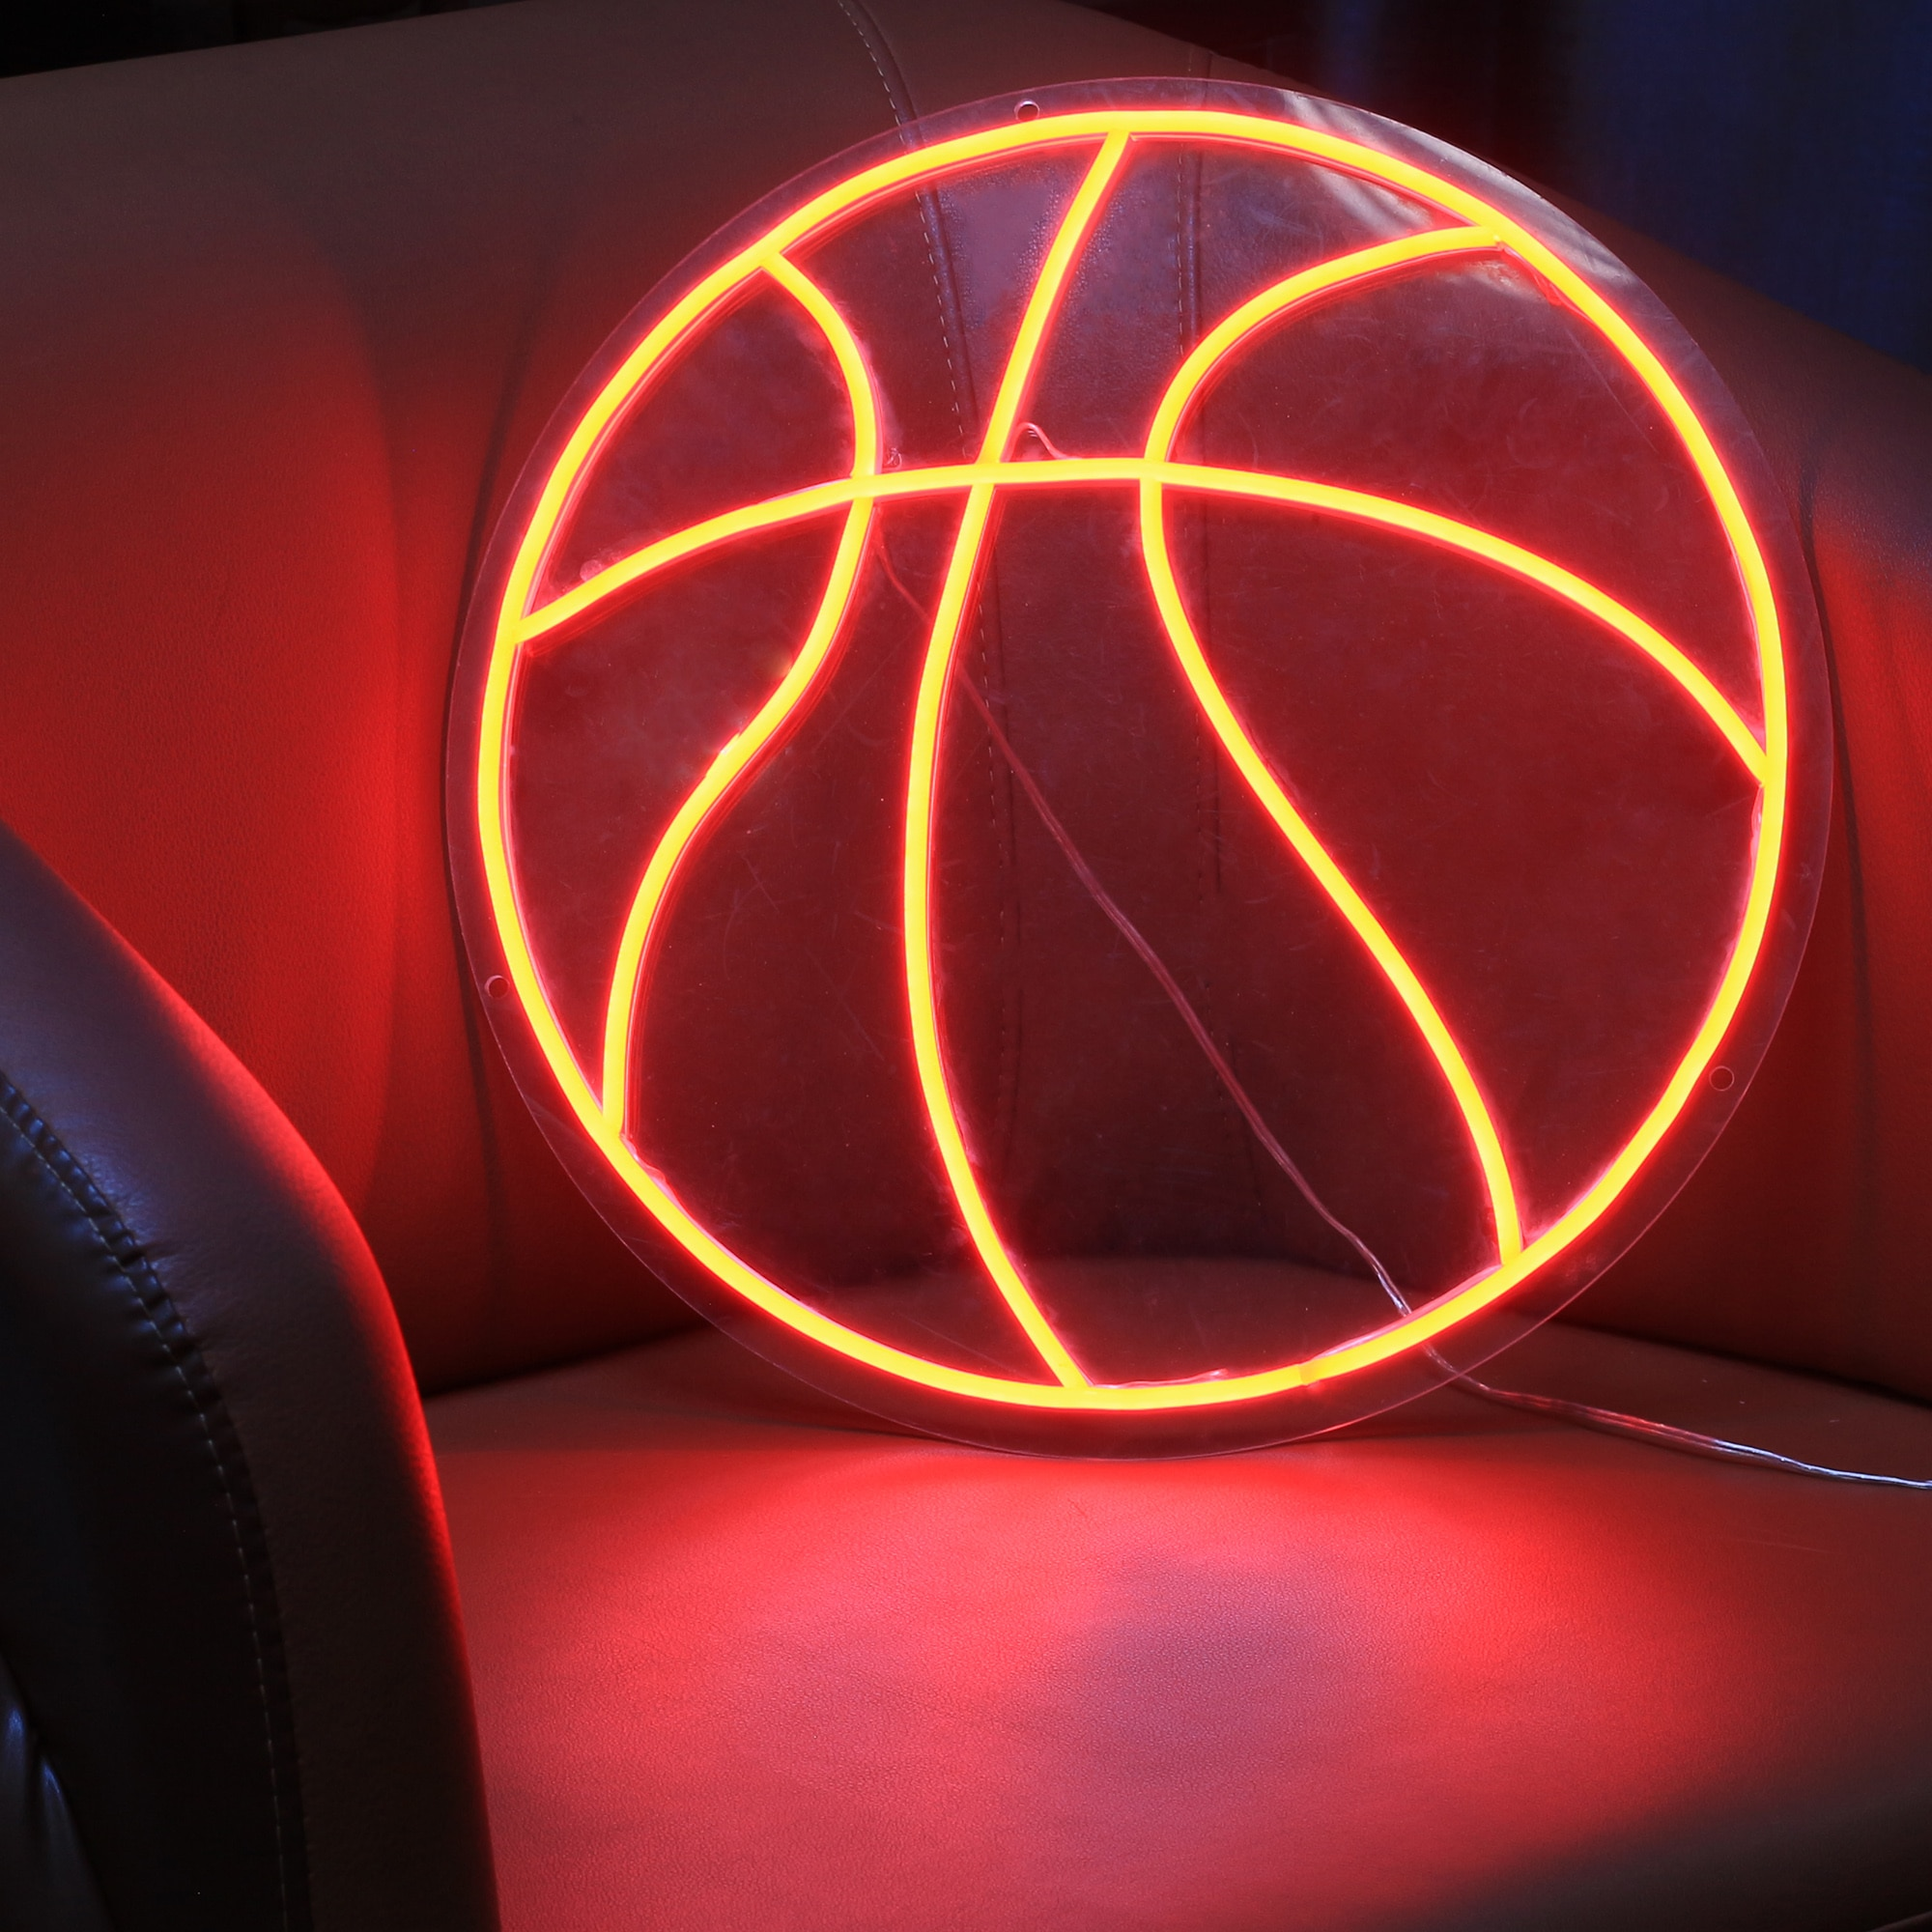 مخصص مقاوم للماء فليكس النيون تسجيل كرة السلة شكل Led ضوء النيون تسجيل هدية عيد ميلاد لصديقها والأولاد